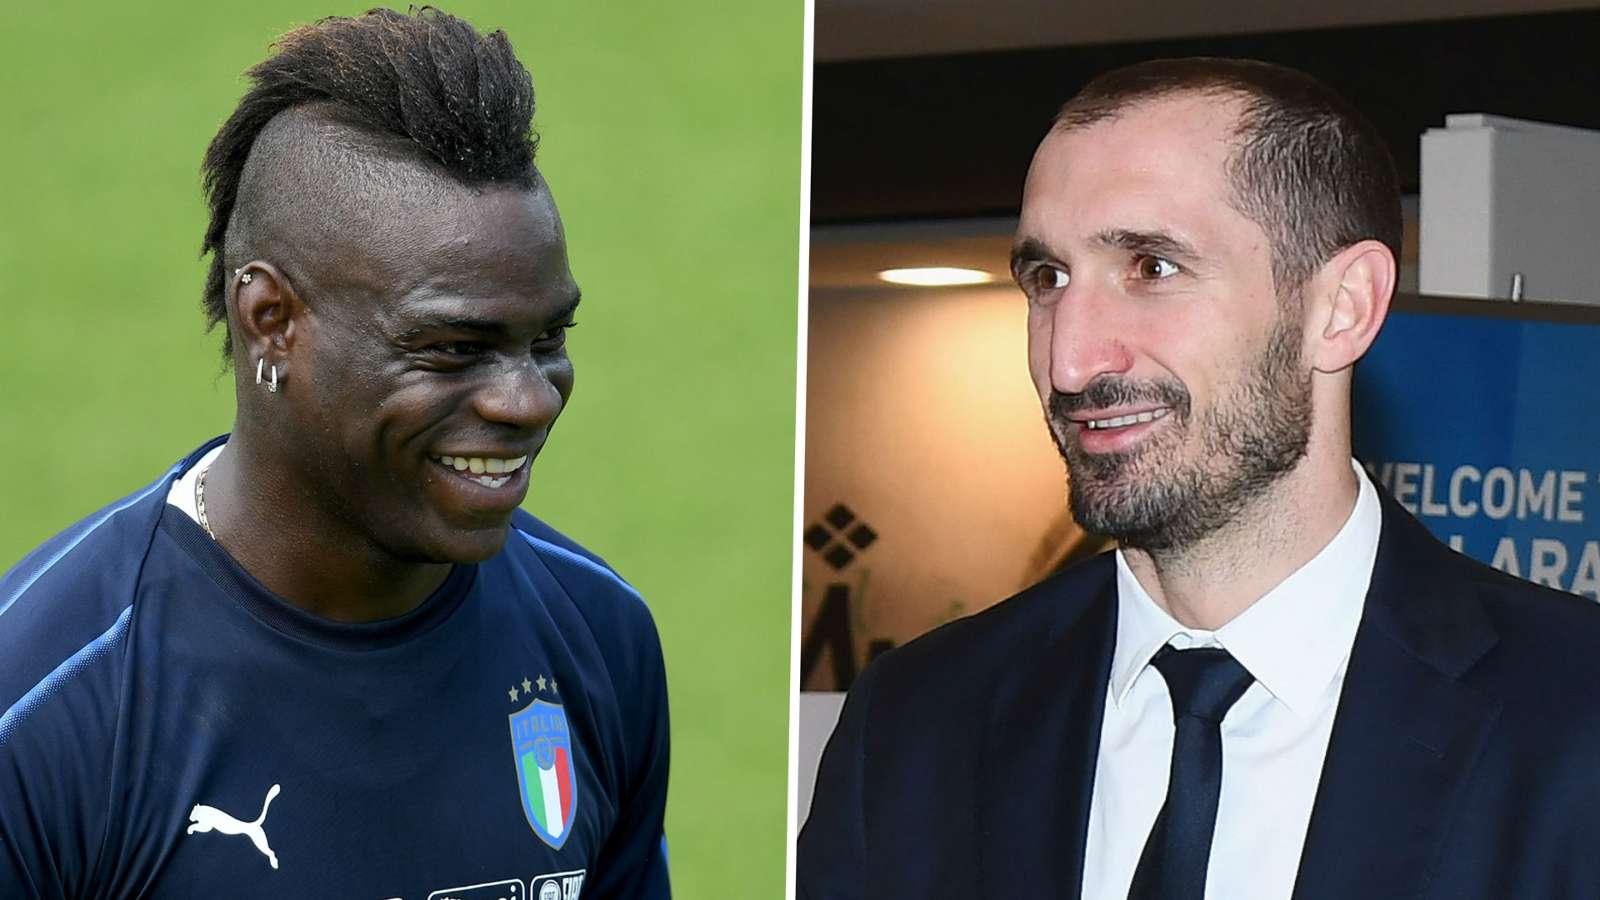 Balotelli and Chiellini